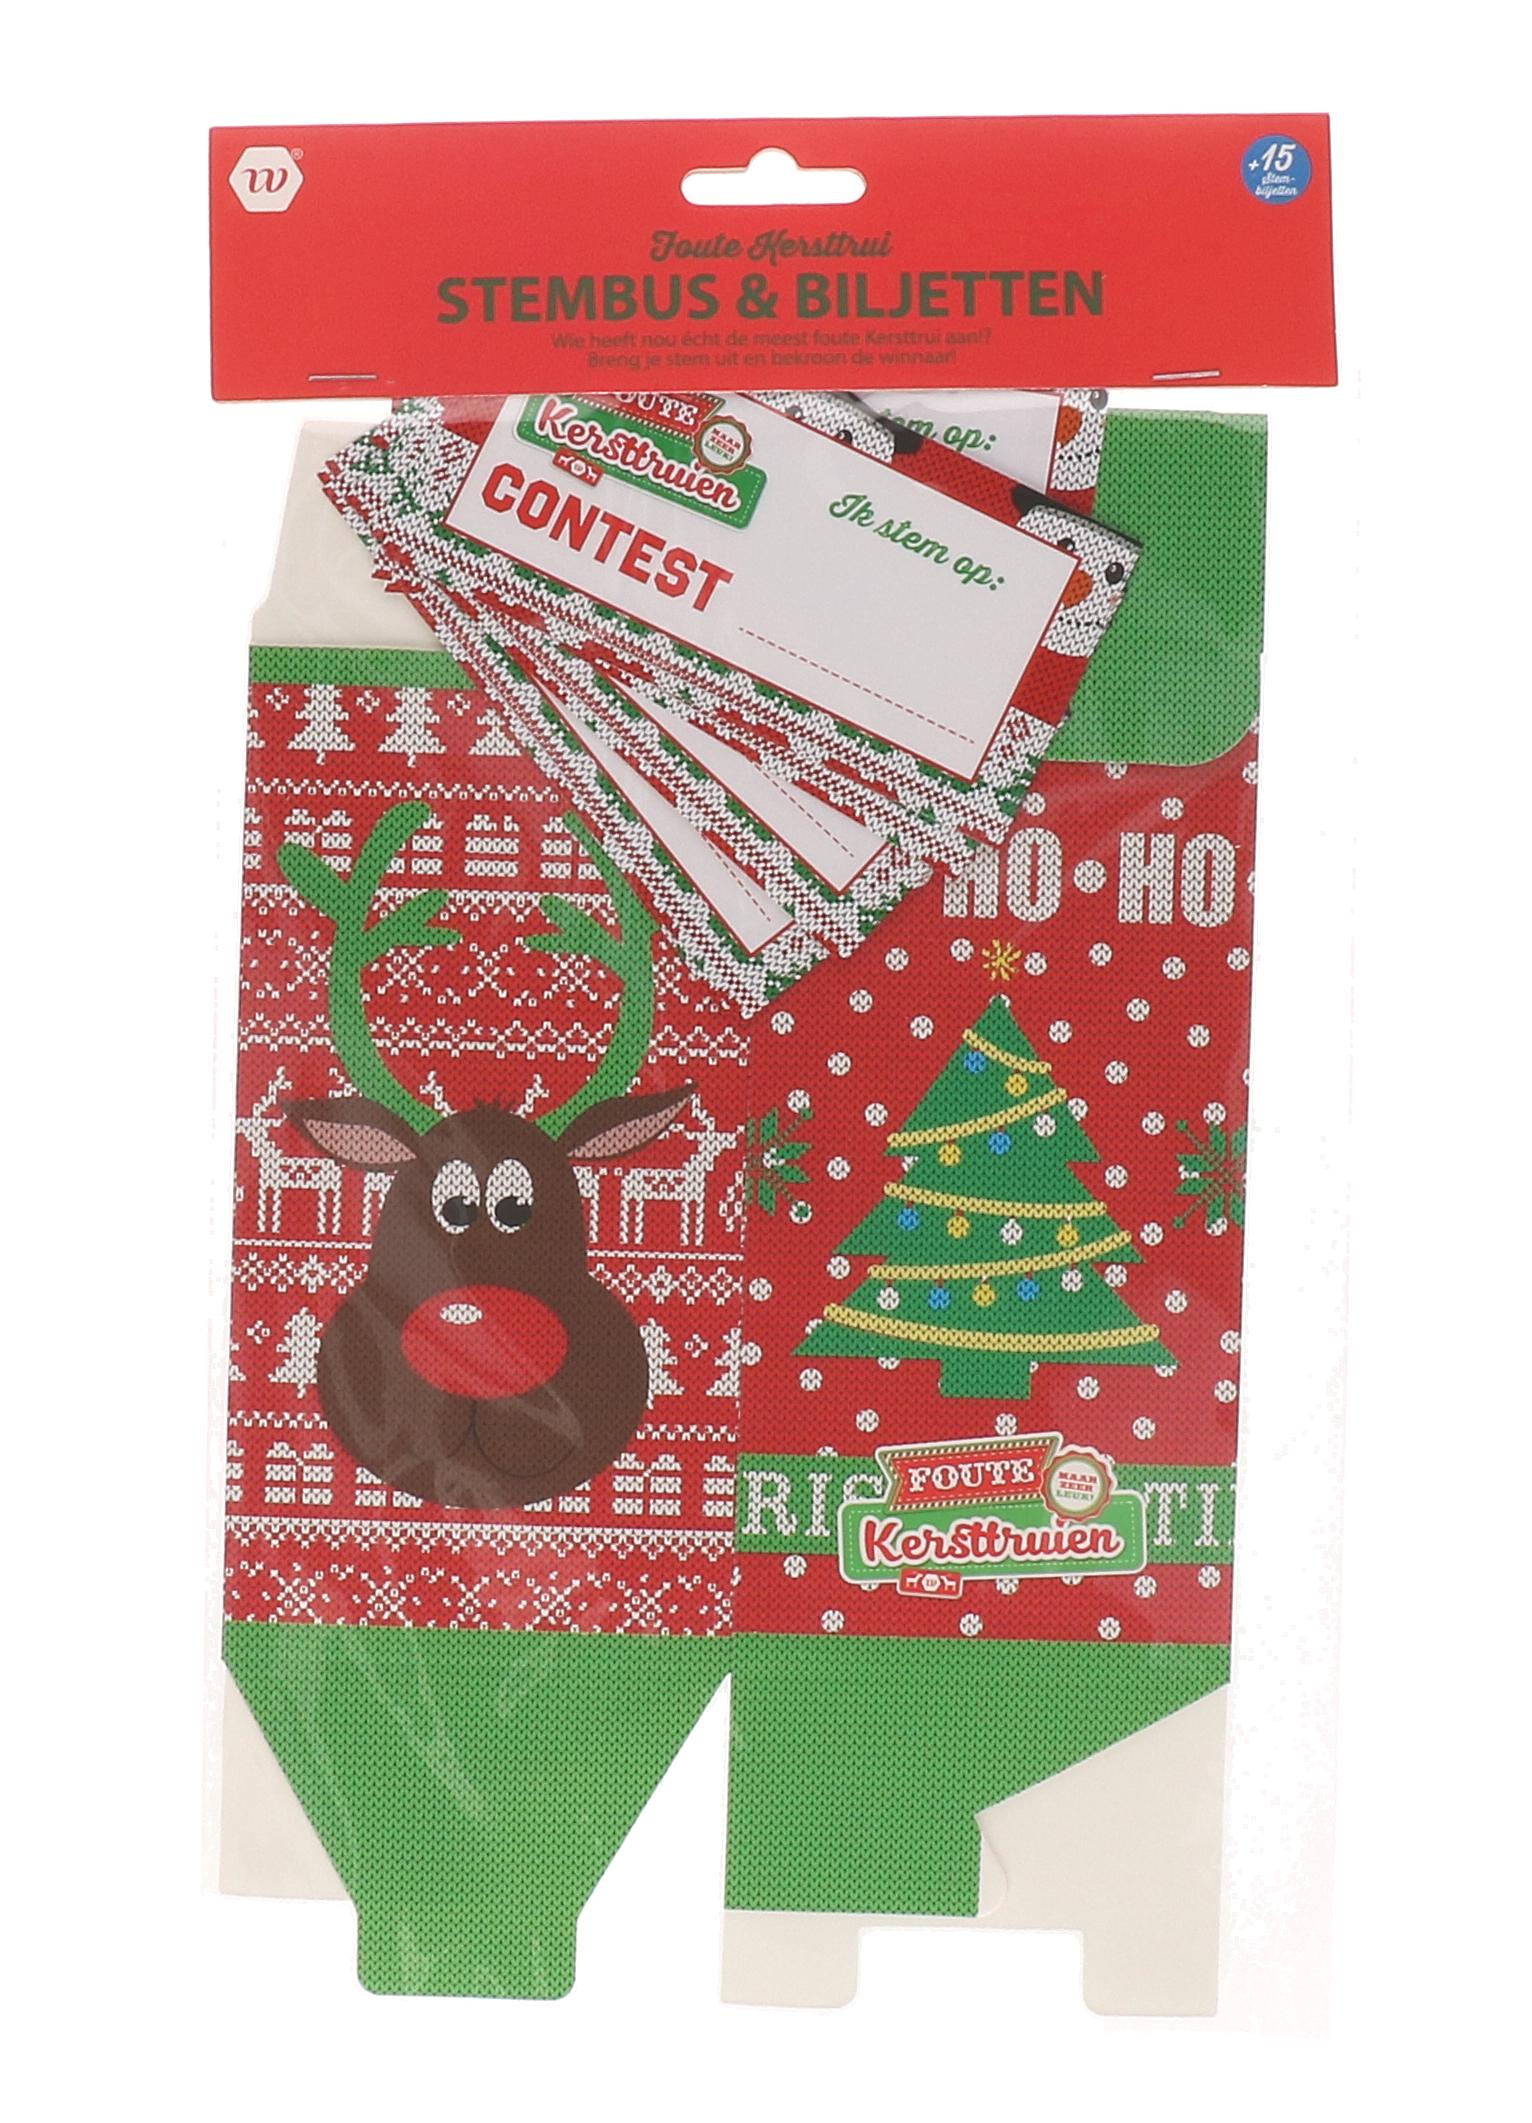 Foute kersttrui stembus en biljetten